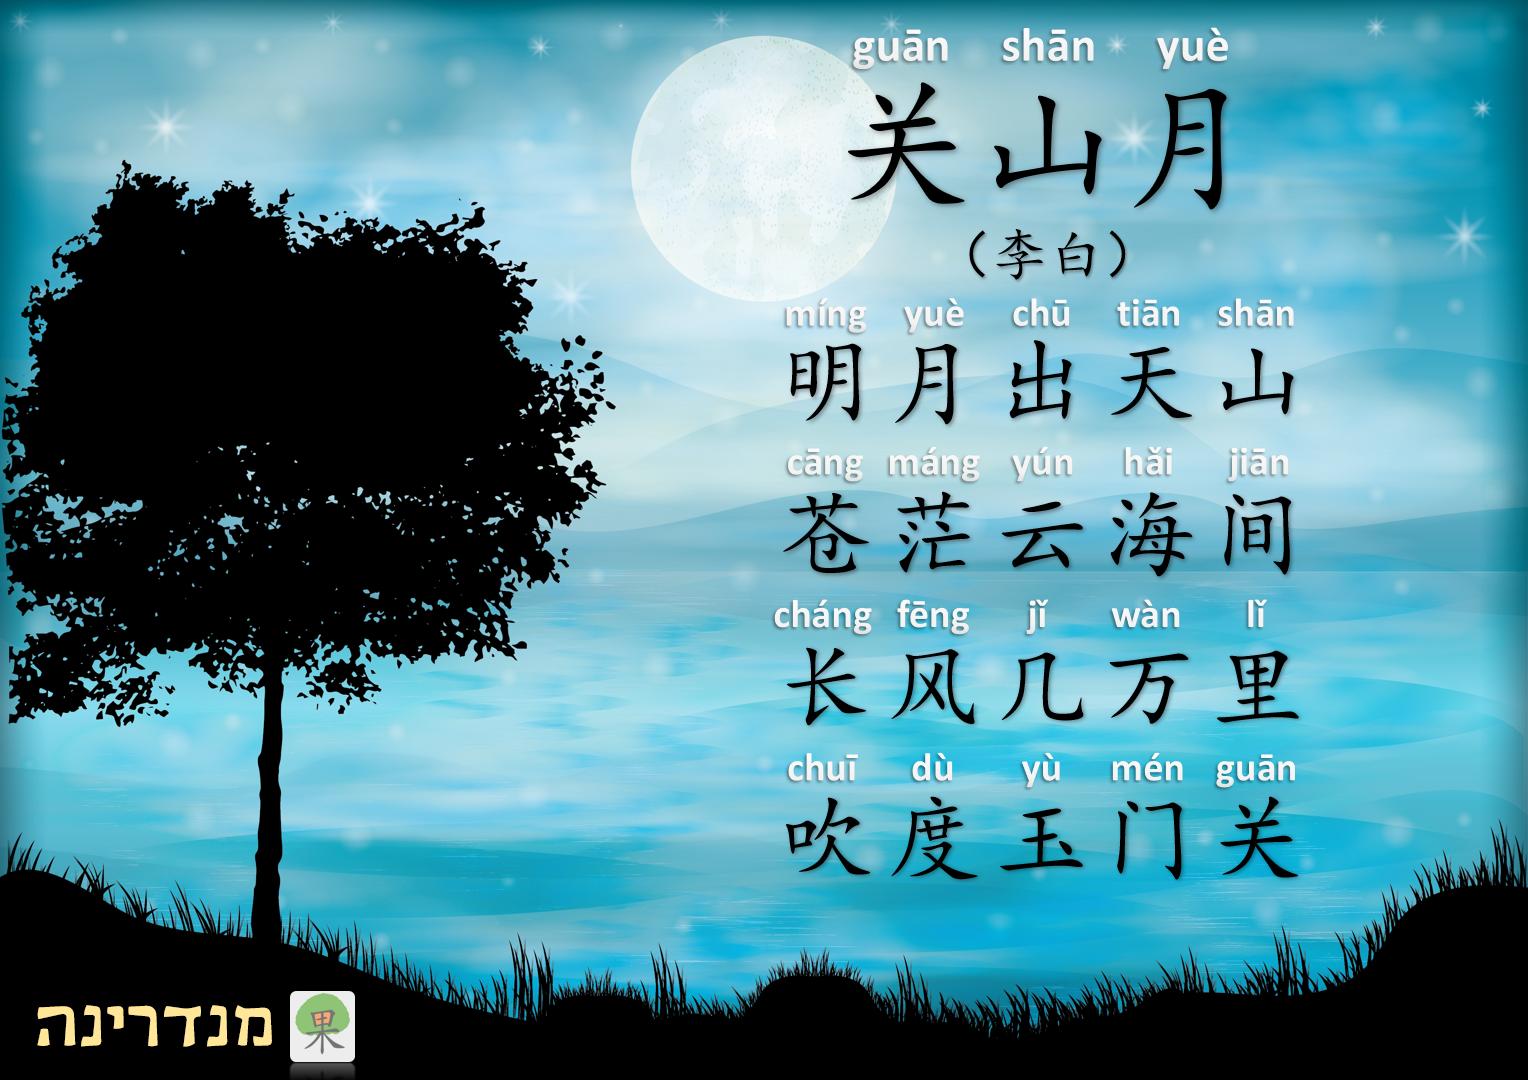 guan_shan_yue